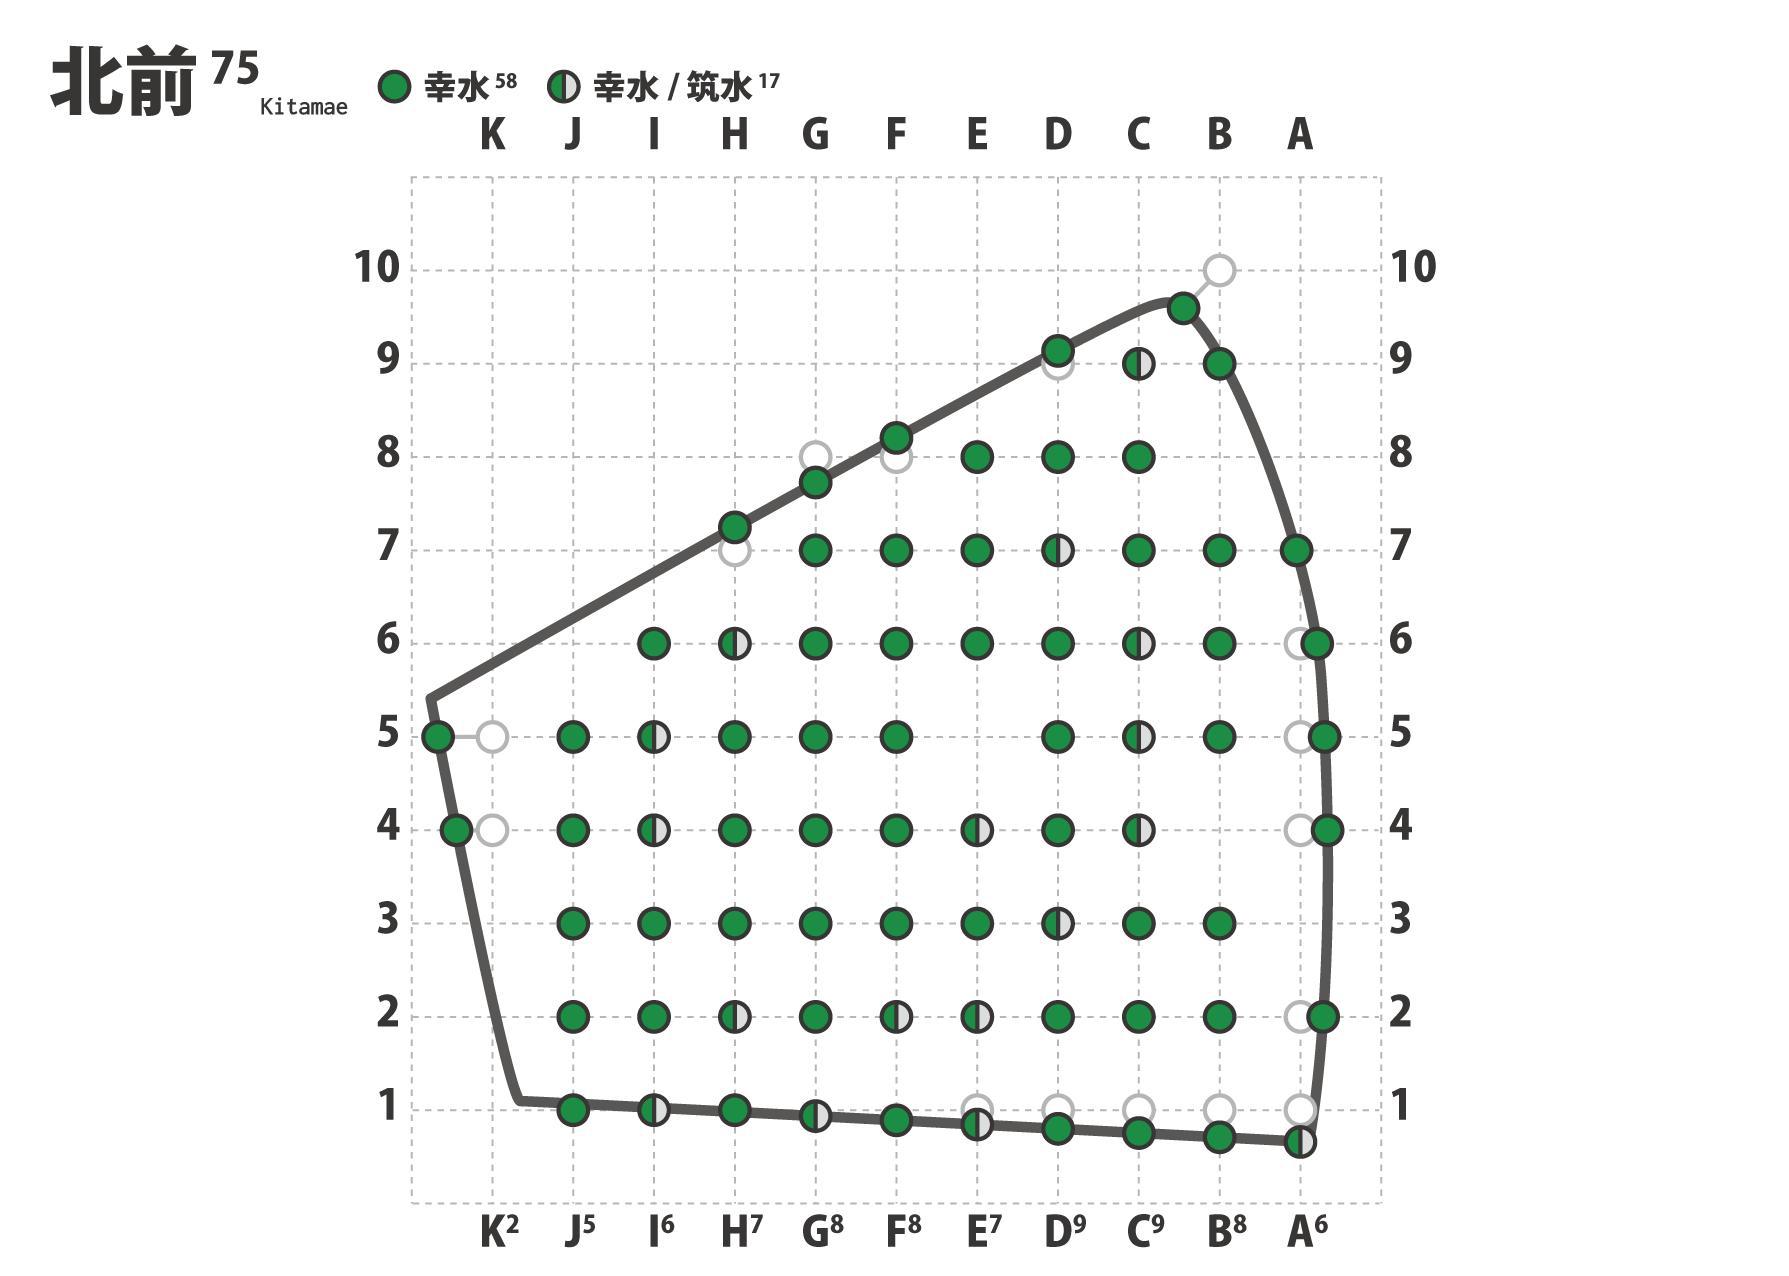 品種も少なく、配置も比較的シンプルな、マップを作りやすい畑です